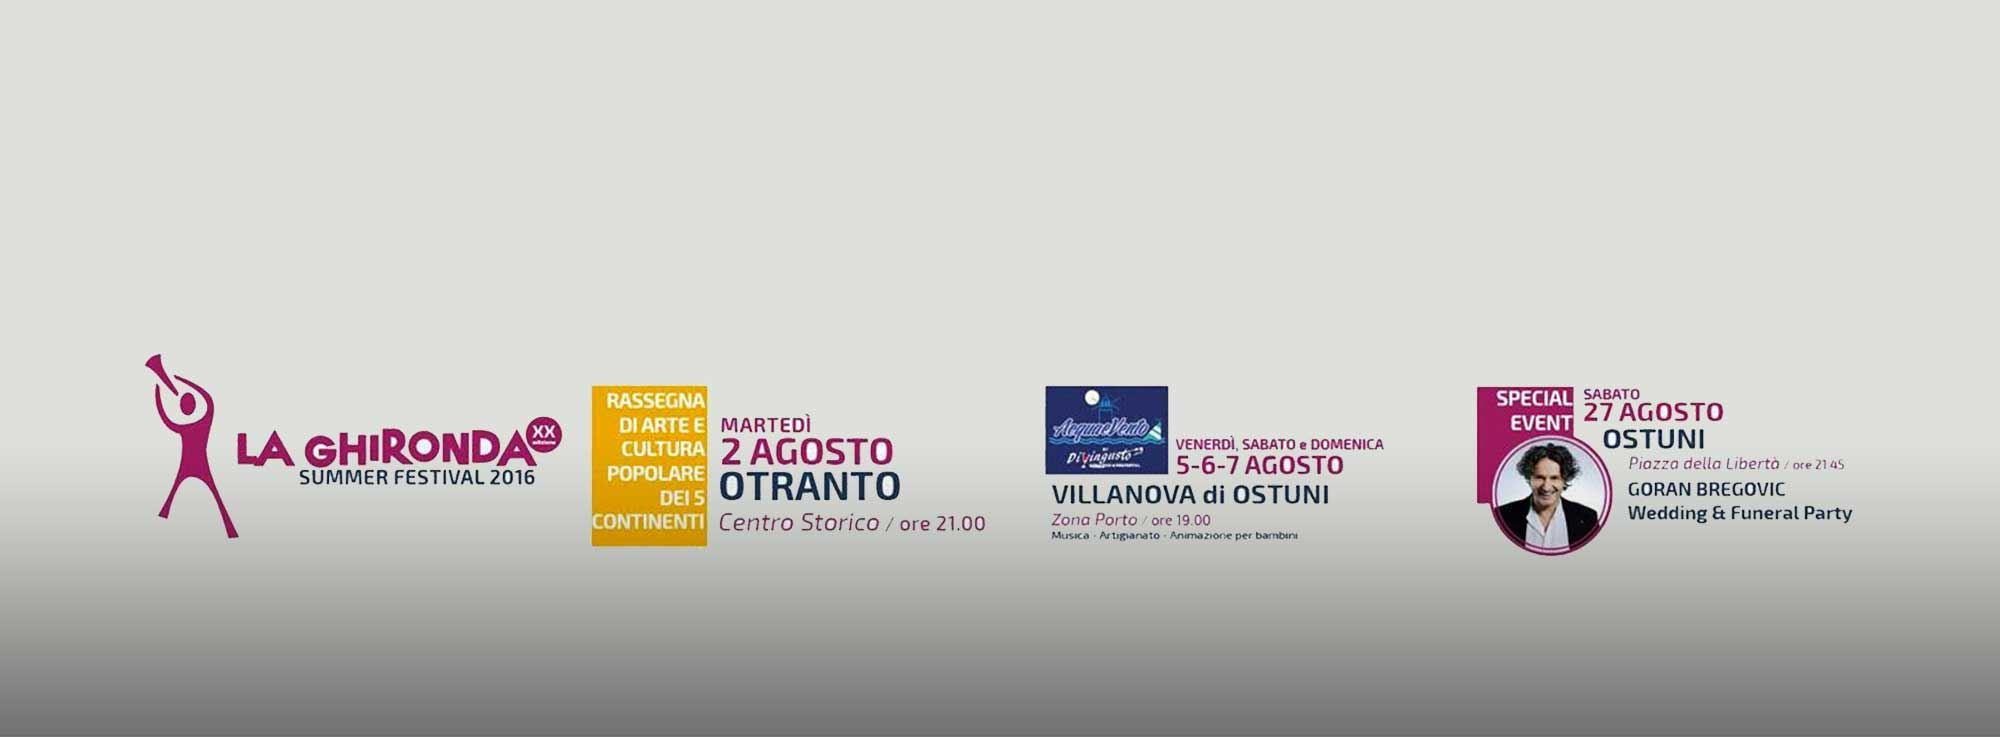 Otranto e Ostuni: La Ghironda Summer Festival 2016